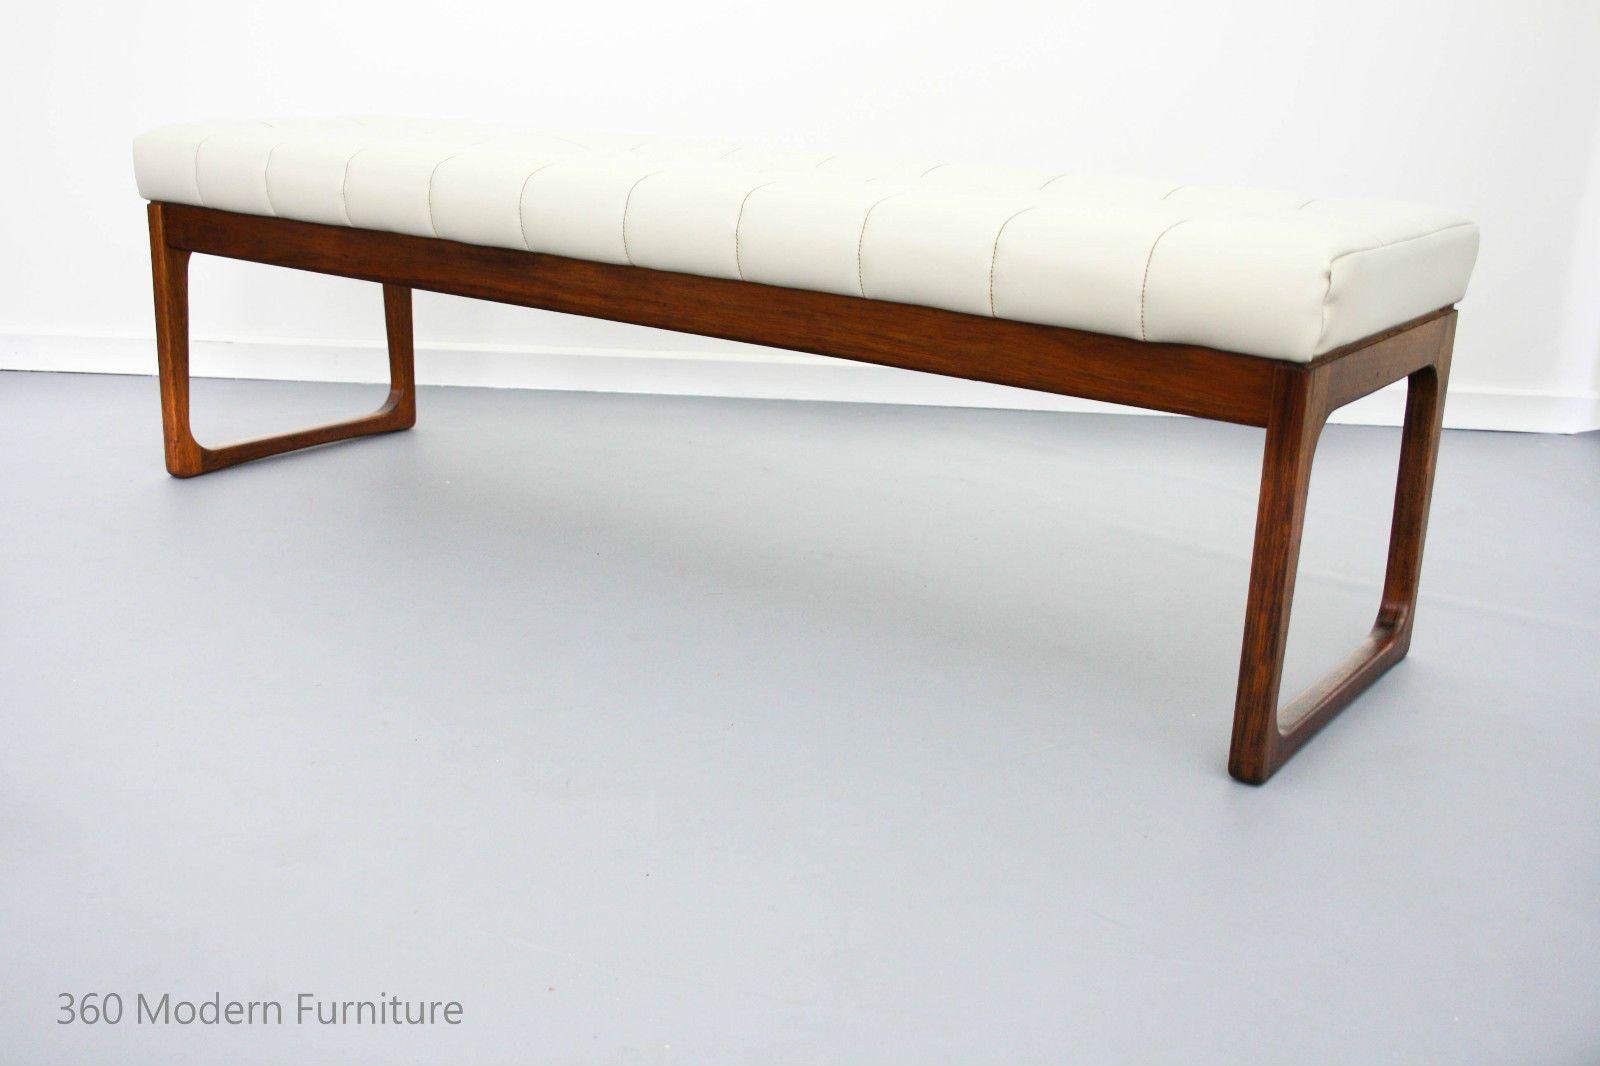 Mid Century Bench Seat Module Easden Table Ottoman Retro Vintage Danish Scandi Ottoman Table Mid Century Bench Furniture